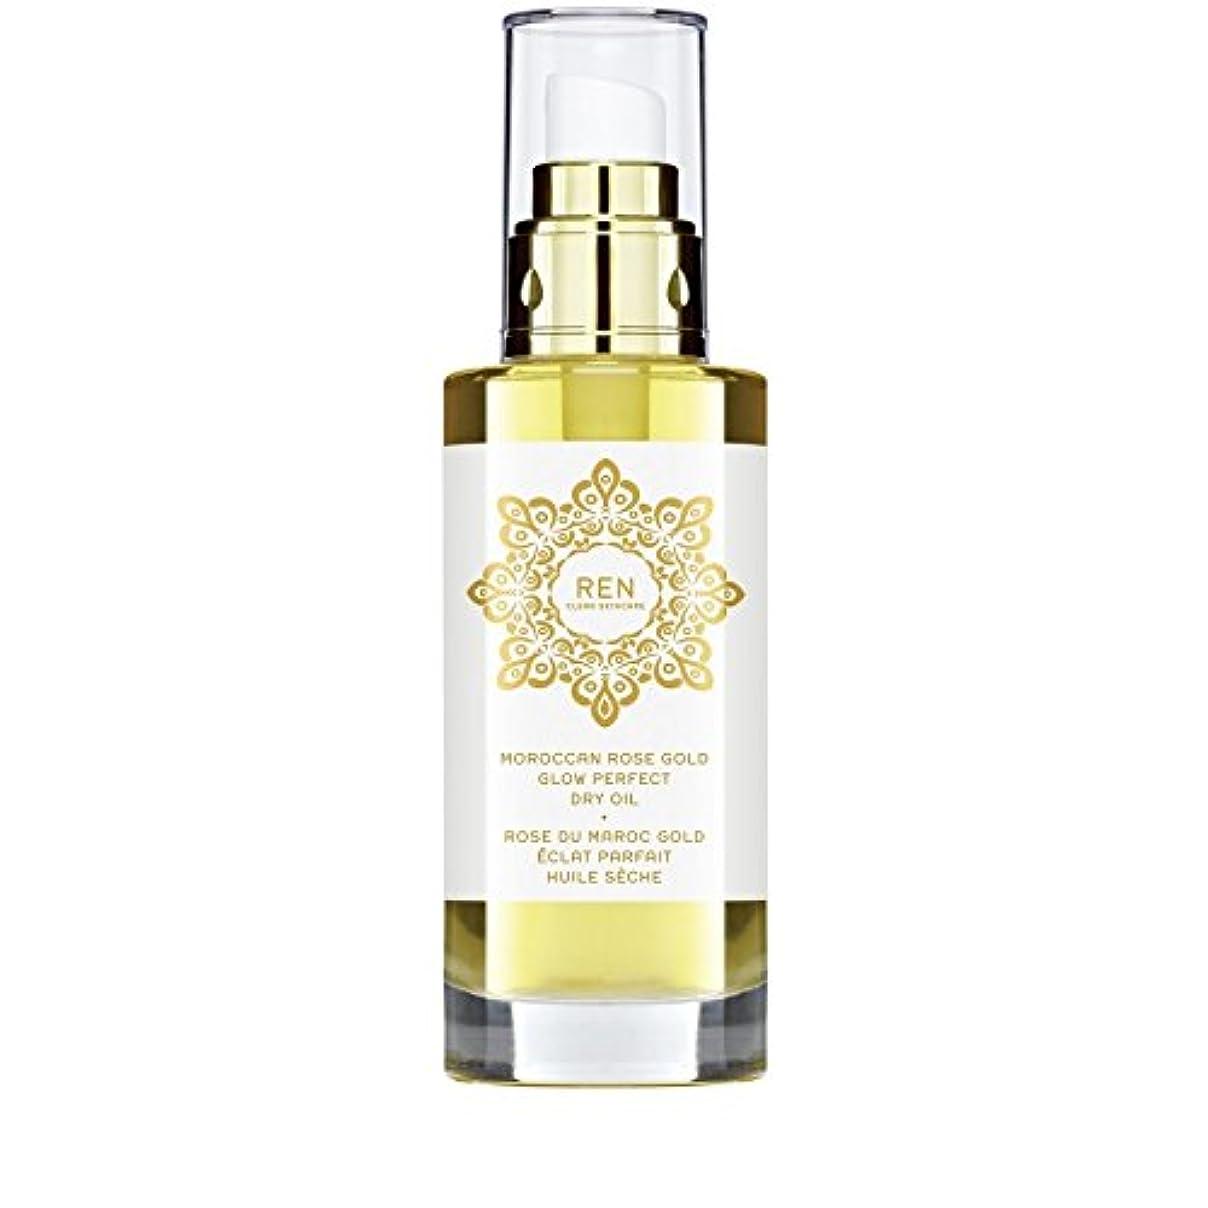 ハウス変数マカダムREN Moroccan Rose Gold Glow Perfect Dry Oil 100ml (Pack of 6) - モロッコは金が完璧なドライオイル100ミリリットルグローバラ x6 [並行輸入品]